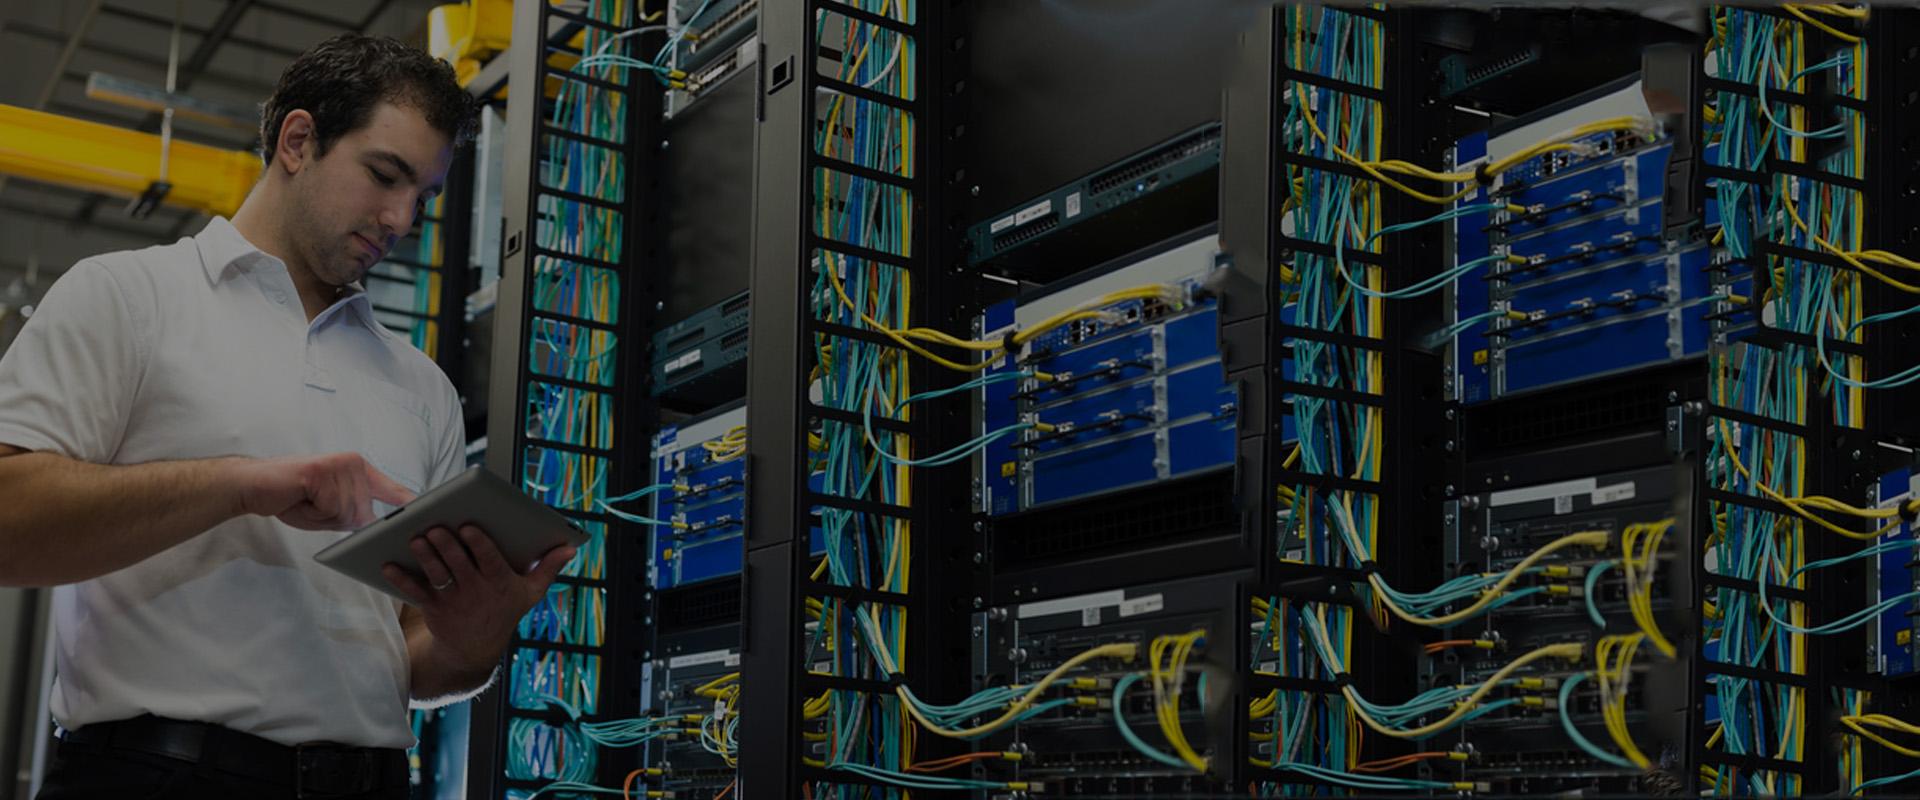 fiberguide-datacenter-colocation